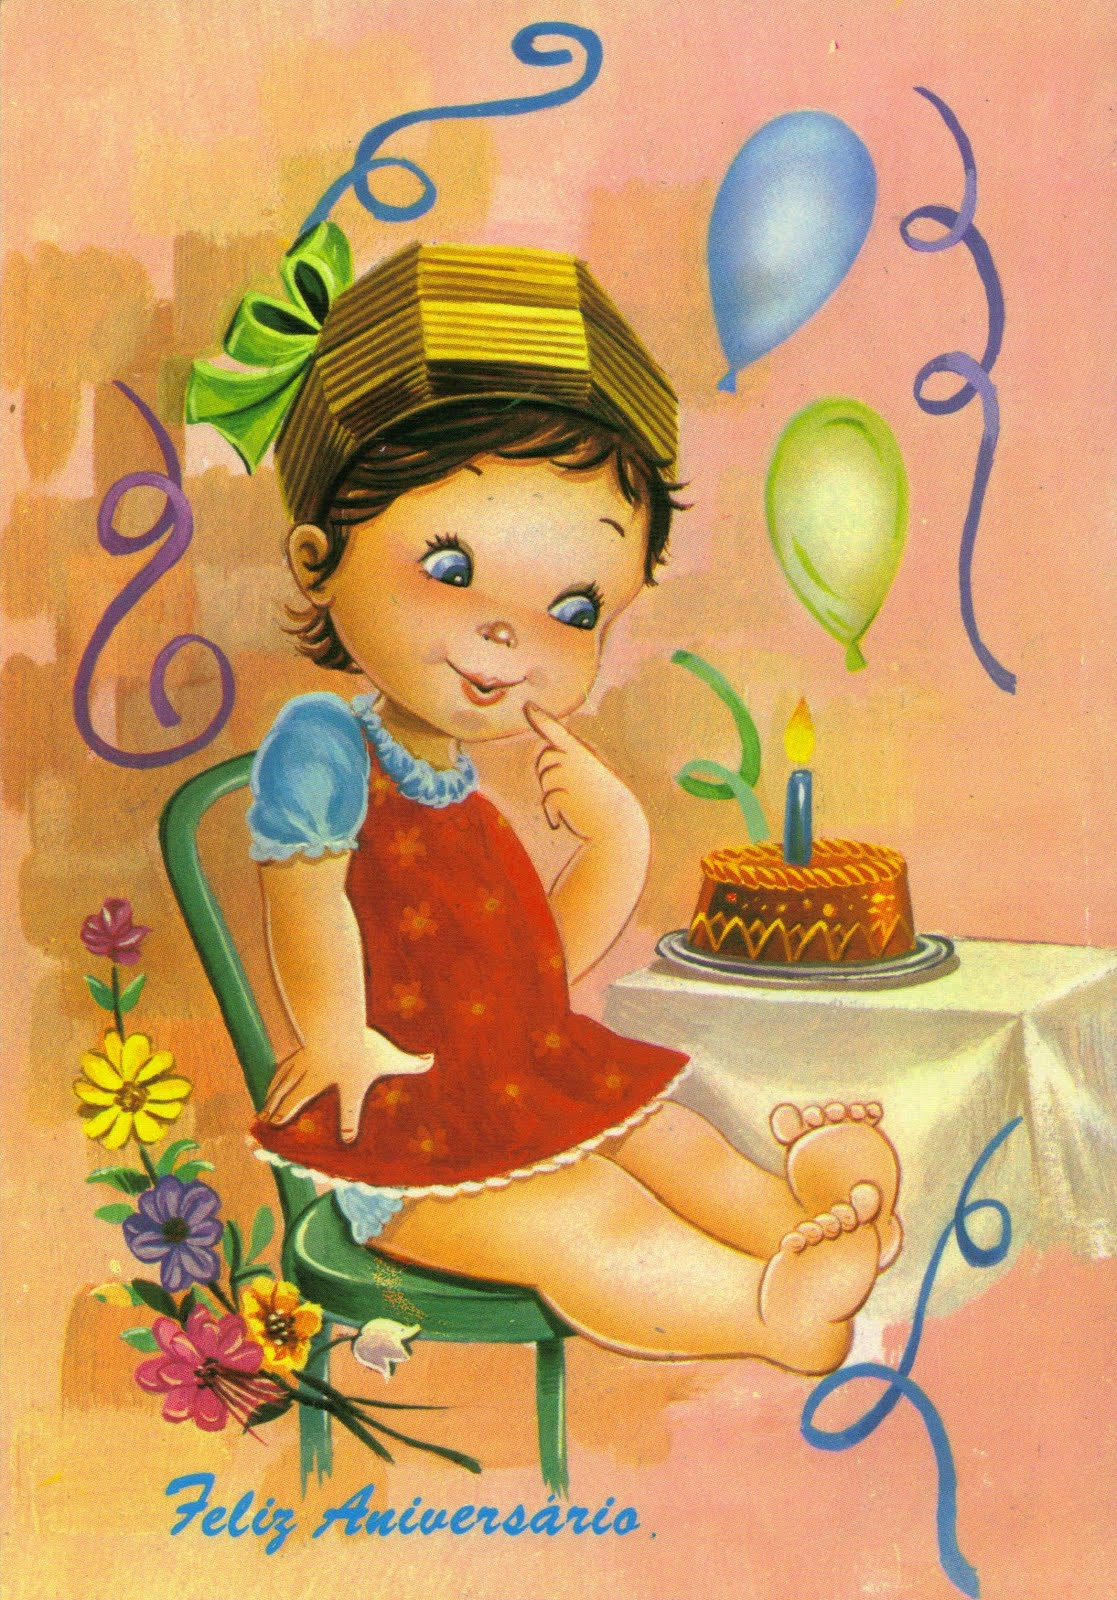 Открытки с днем рождения с ребенком